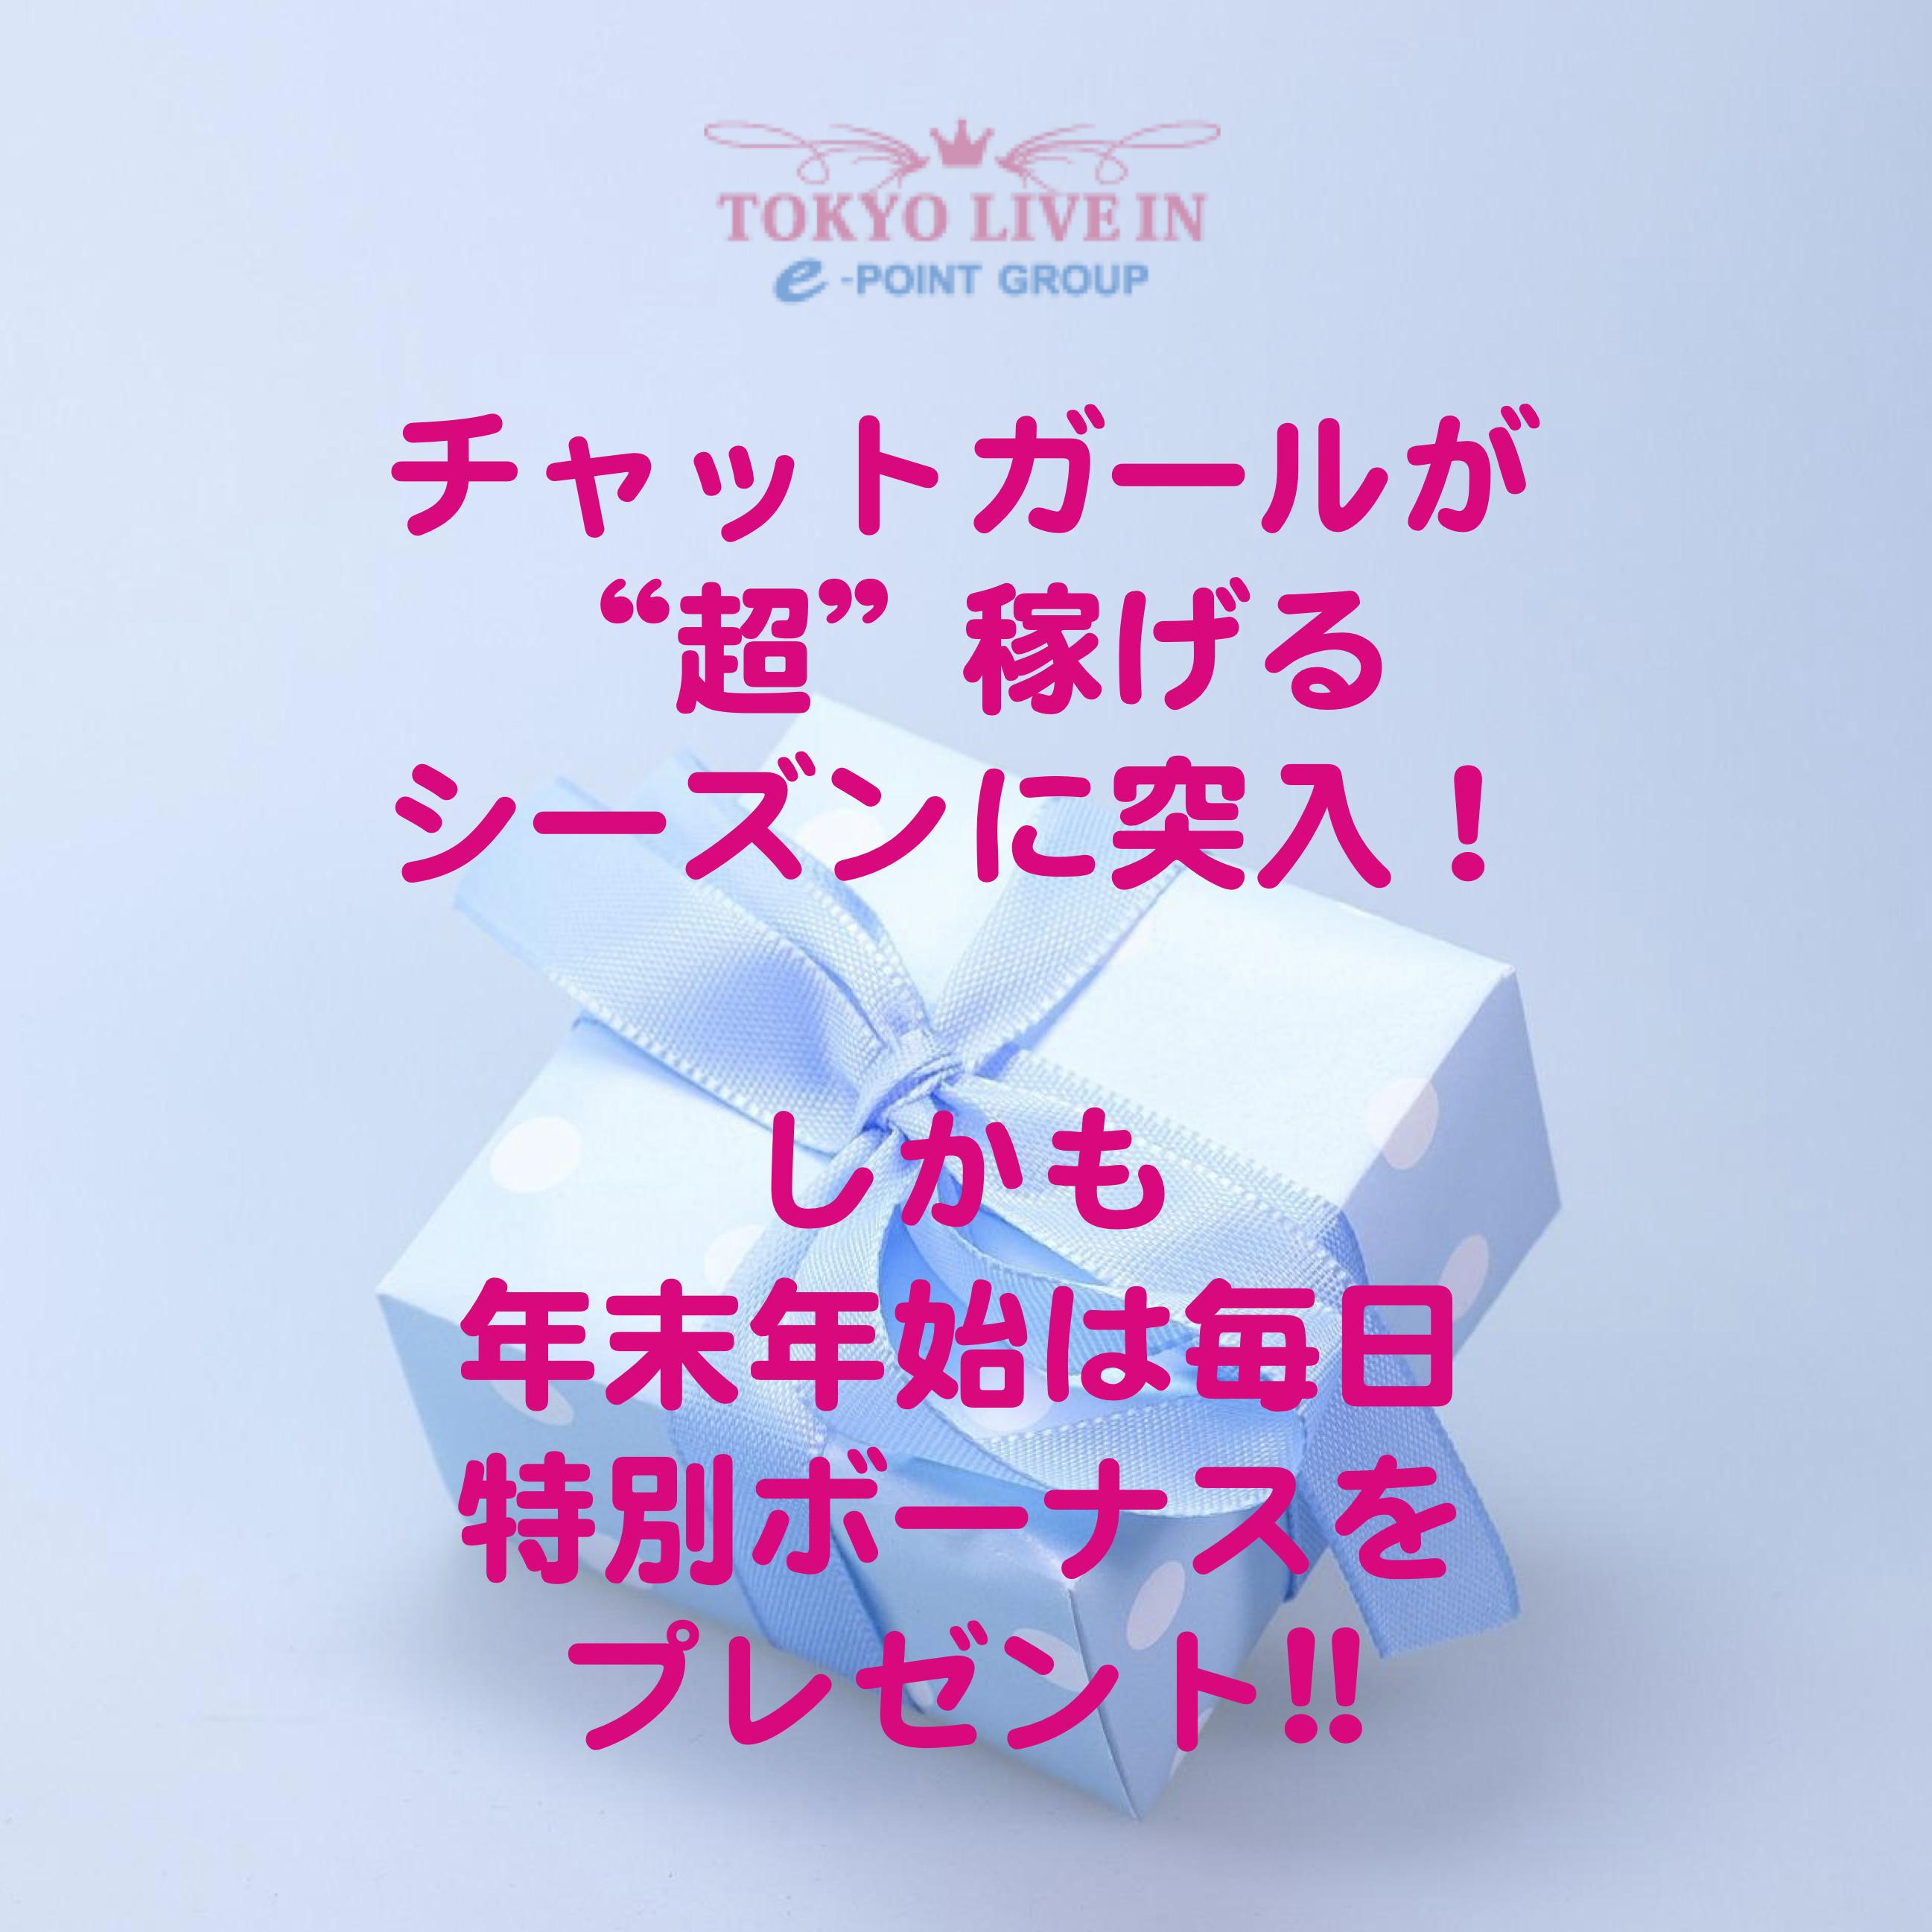 年末年始は特別ボーナスあり☆ これからが稼ぎ時!!